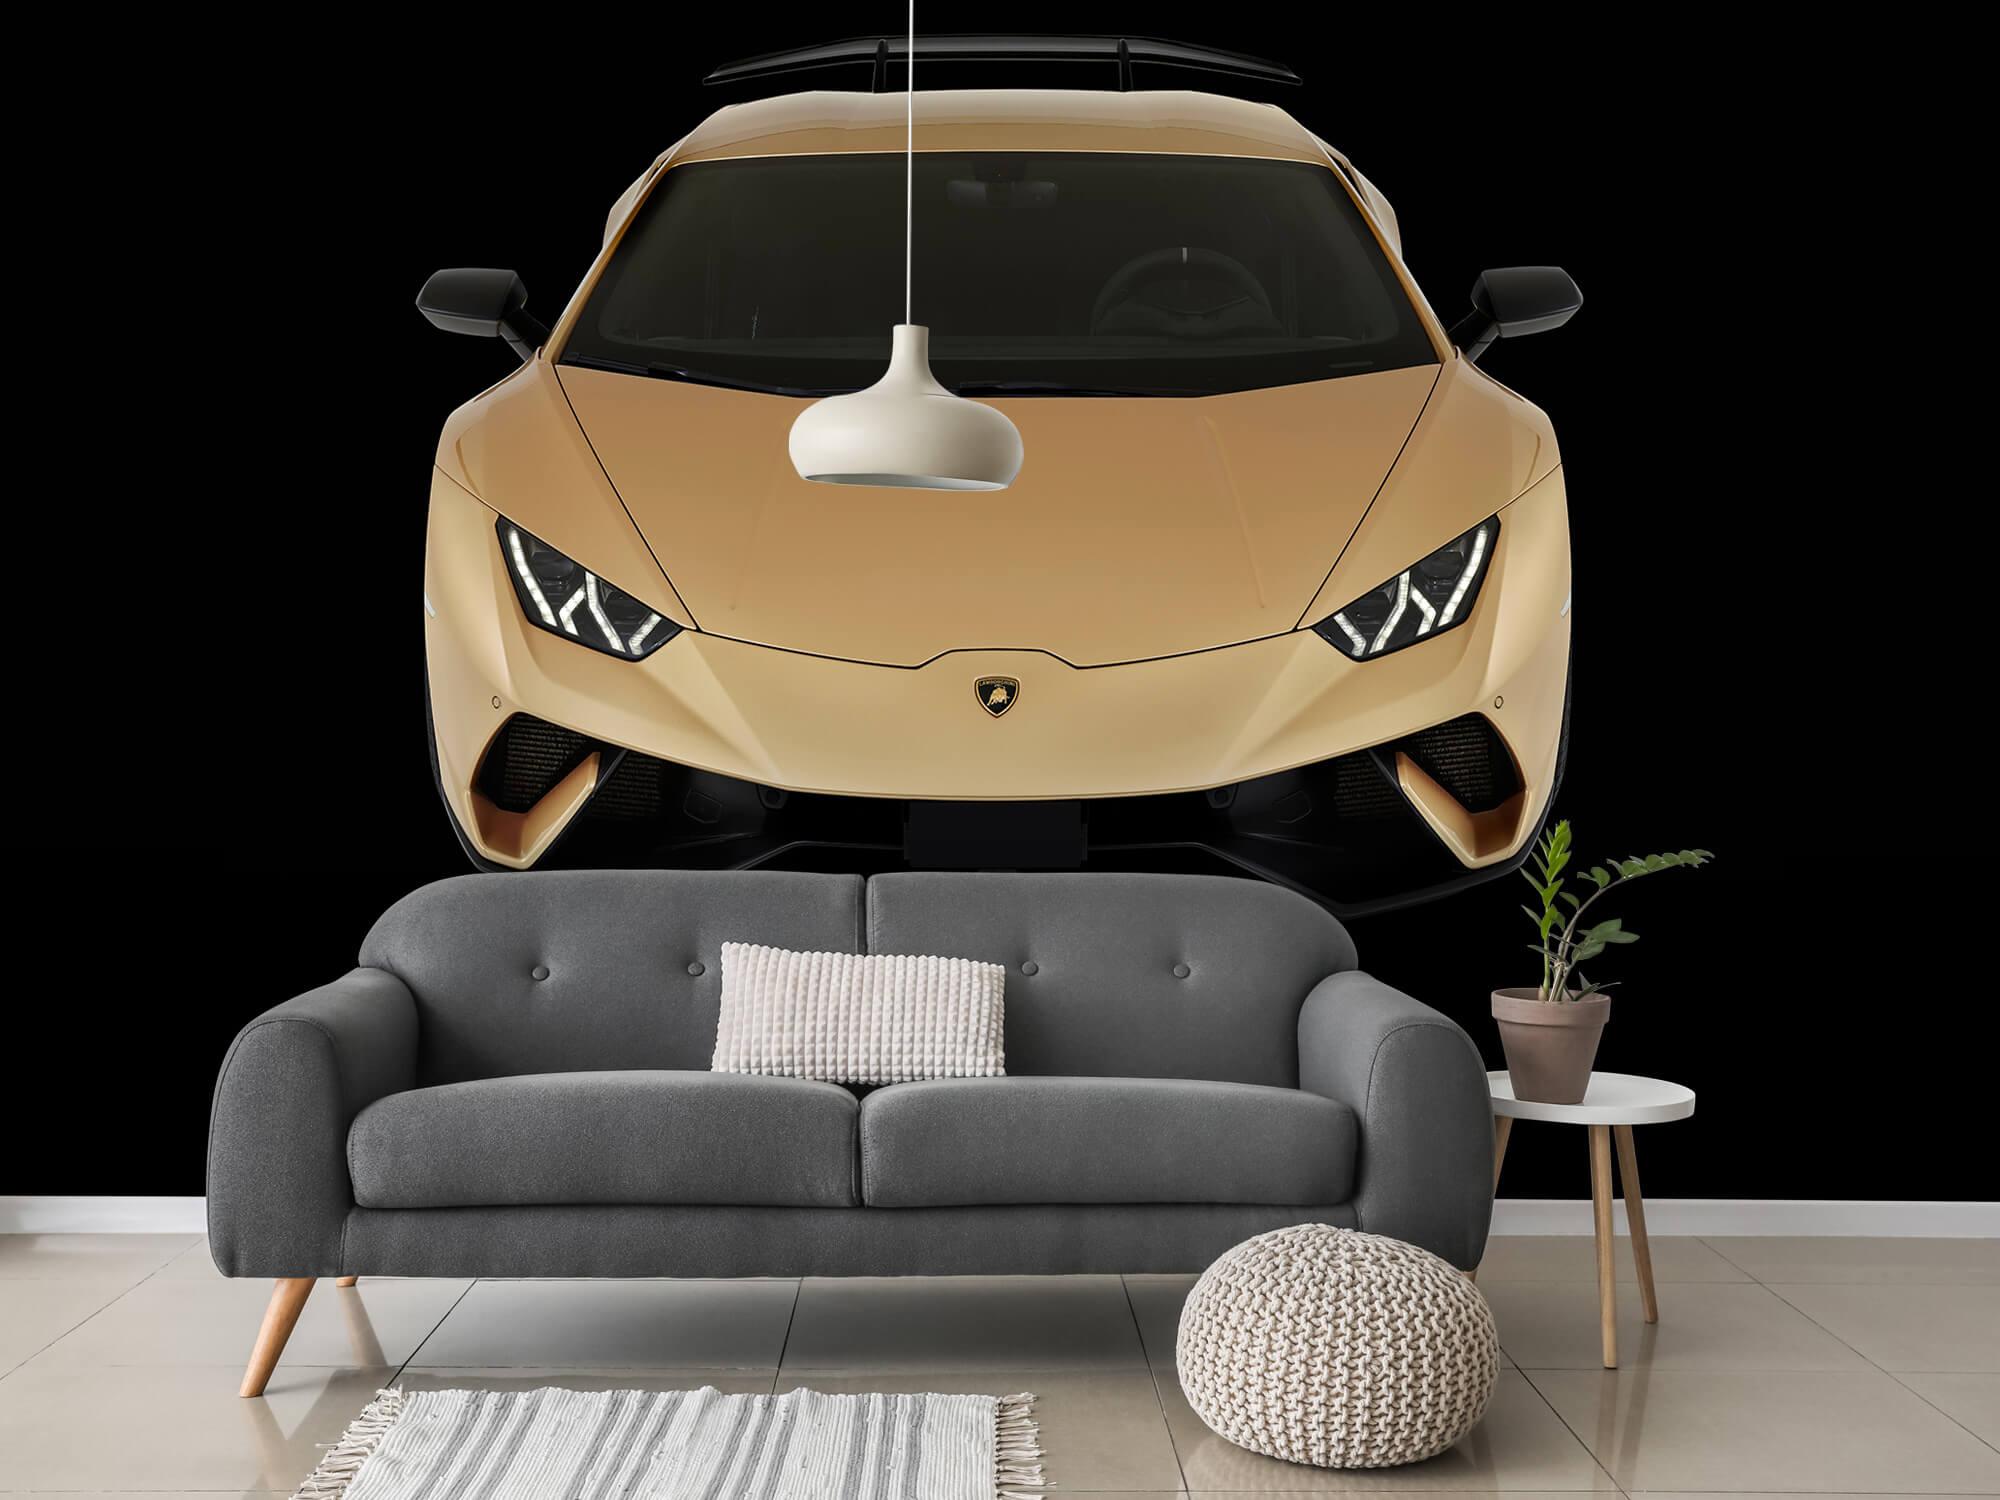 Wallpaper Lamborghini Huracán - Voorkant vanaf boven, zwart 3